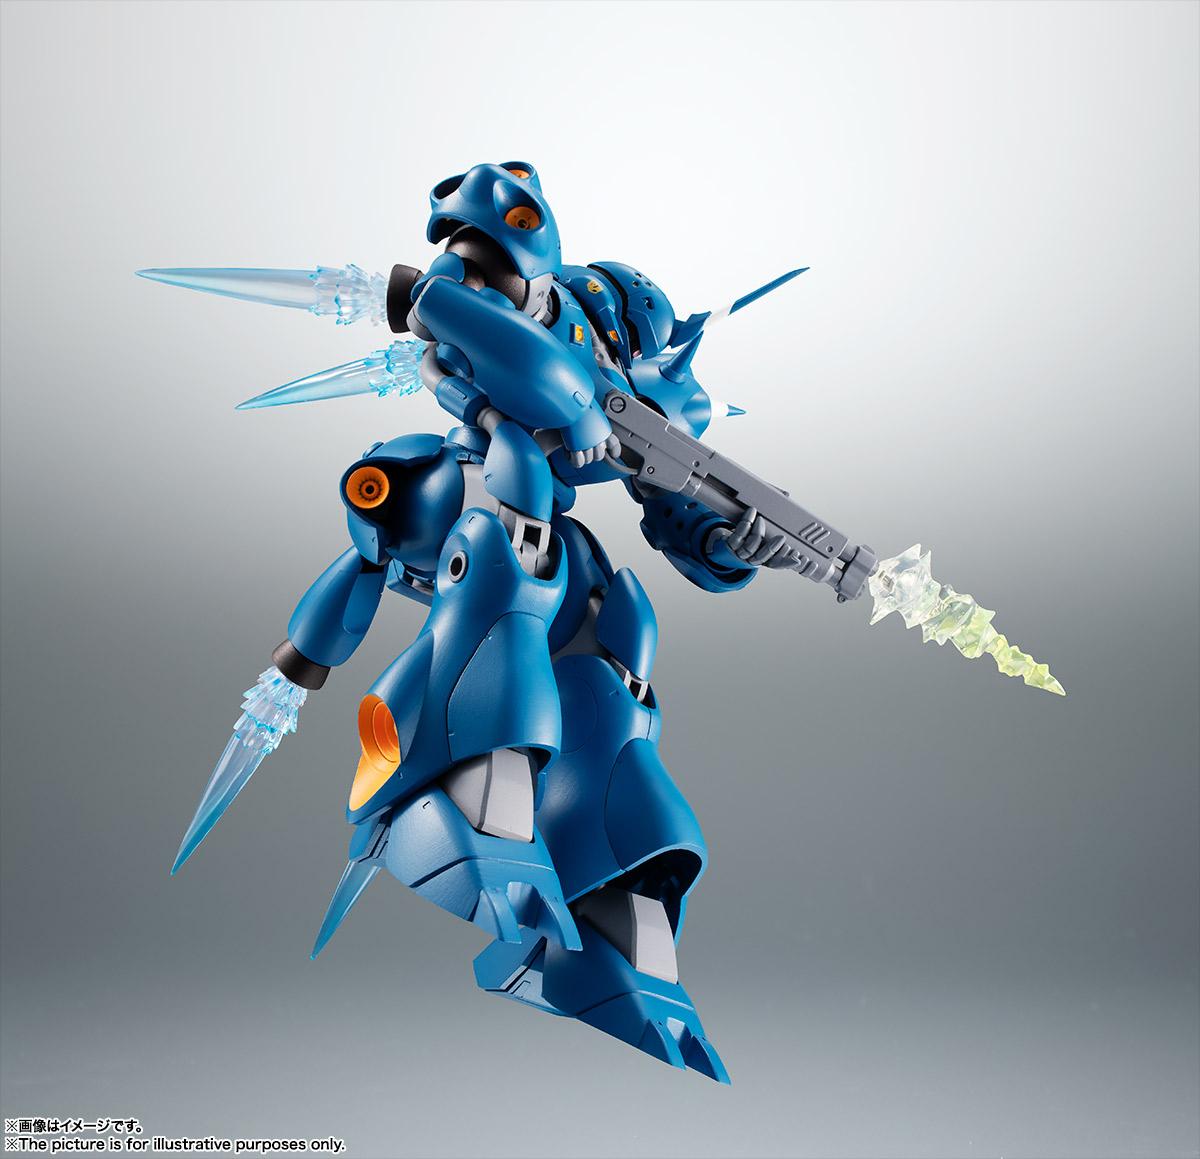 【再販】ROBOT魂〈SIDE MS〉『MS-18E ケンプファー ver. A.N.I.M.E.』可動フィギュア-006